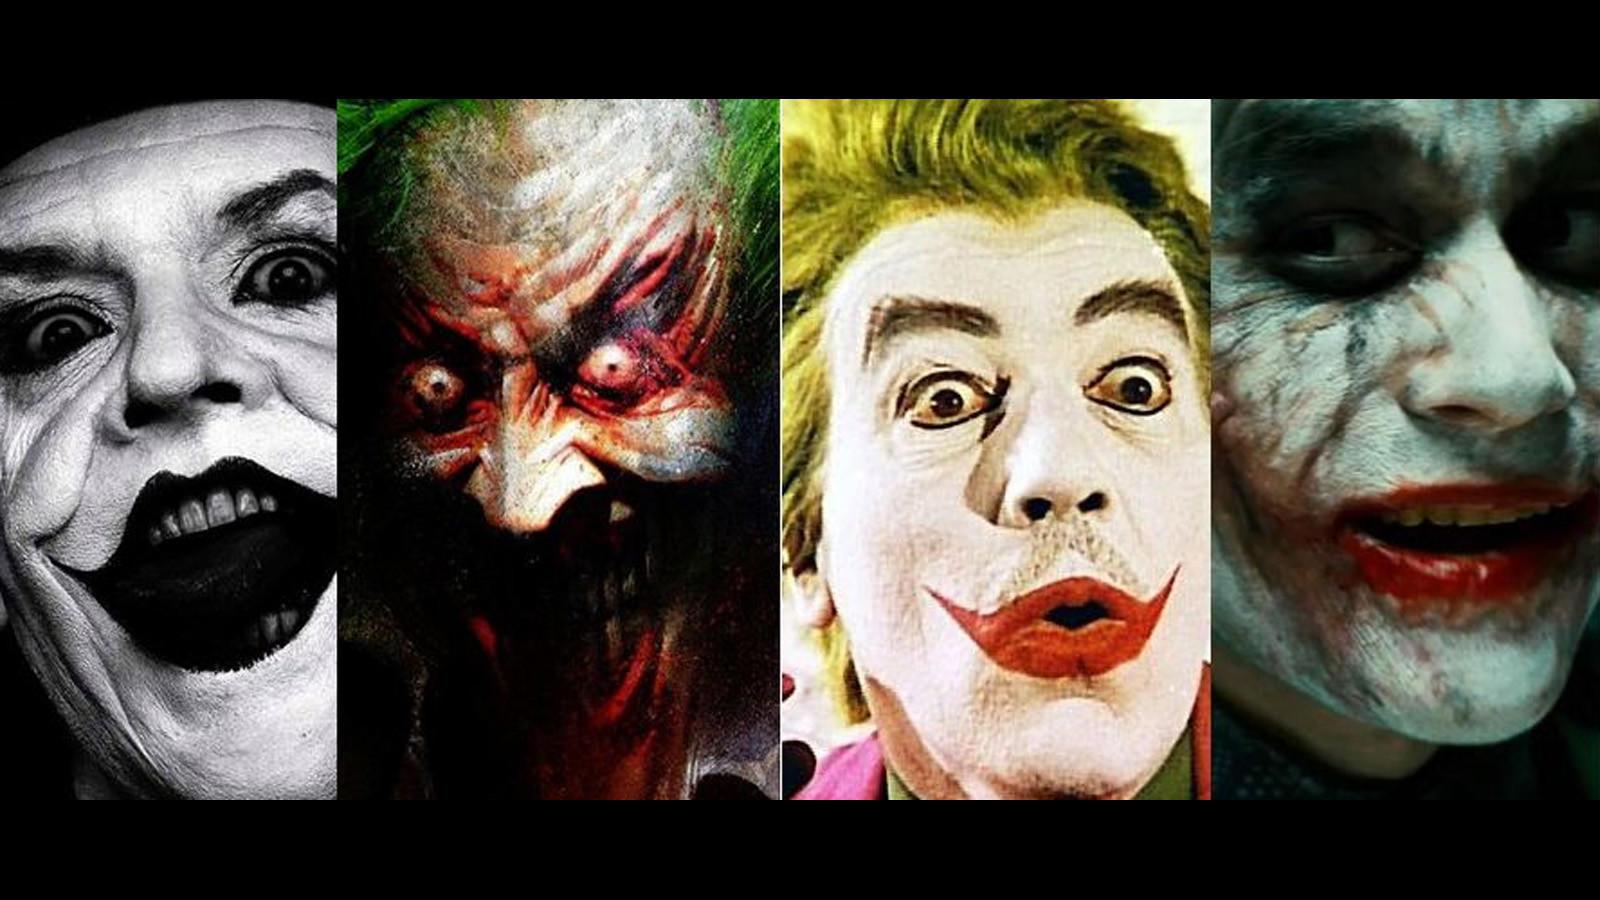 Joker origin movie in development with Hangover director Todd